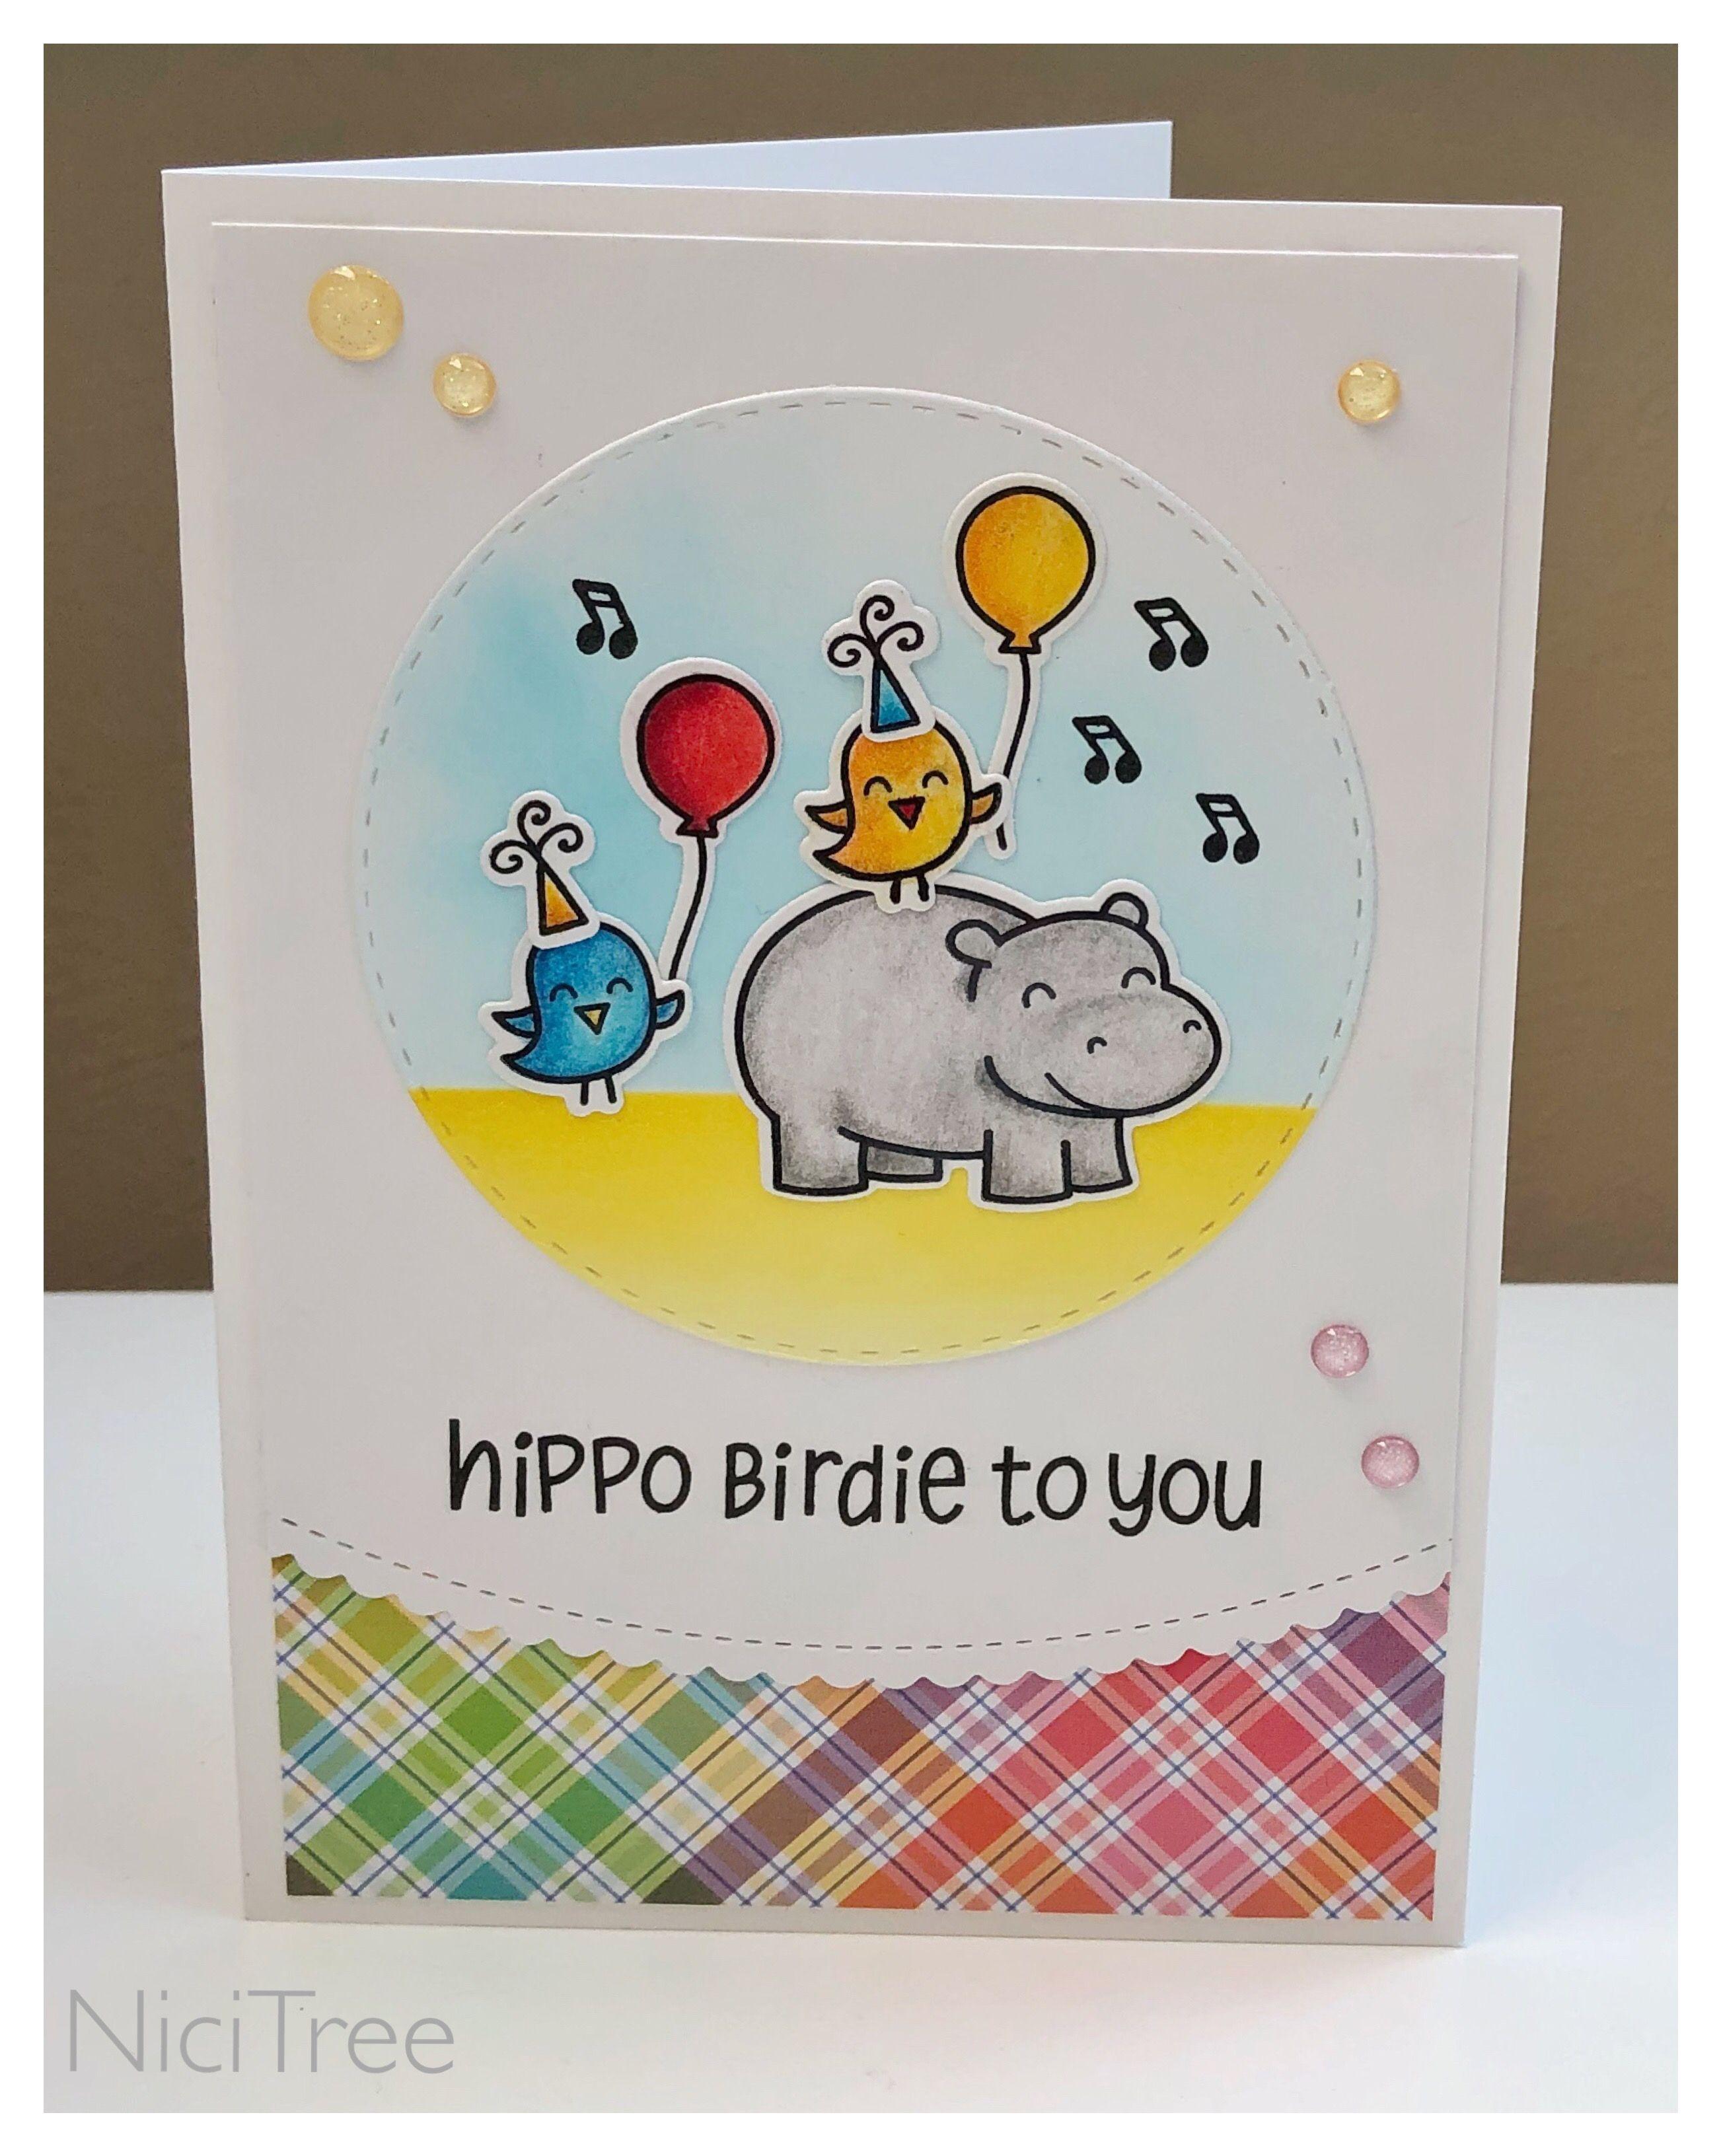 Lawn Fawn Hippo Birdie Birthday Card Geburtstagskarte Kindergeburtstag Mft Stitched Scallop Border Lawn Fawn Lawn Fawn Cards Birthday Cards